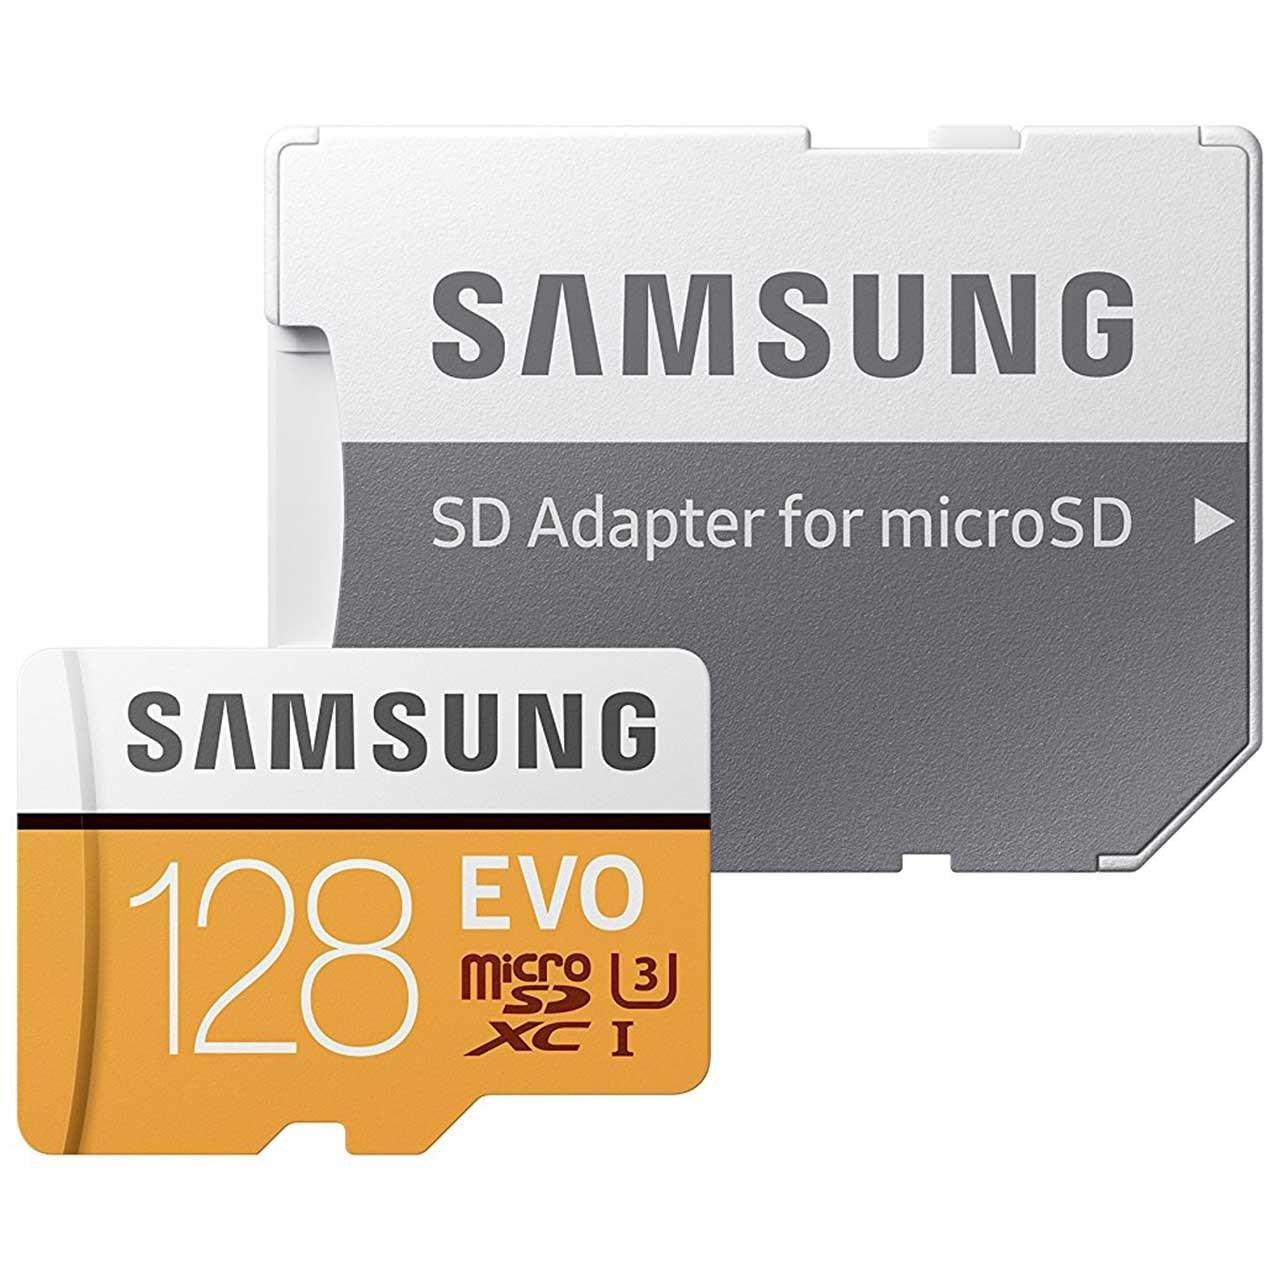 کارت حافظه microSDXC سامسونگ مدل Evo کلاس 10 استاندارد UHS-I U3 سرعت 100MBps همراه با آداپتور SD ظرفیت 128 گیگابایت